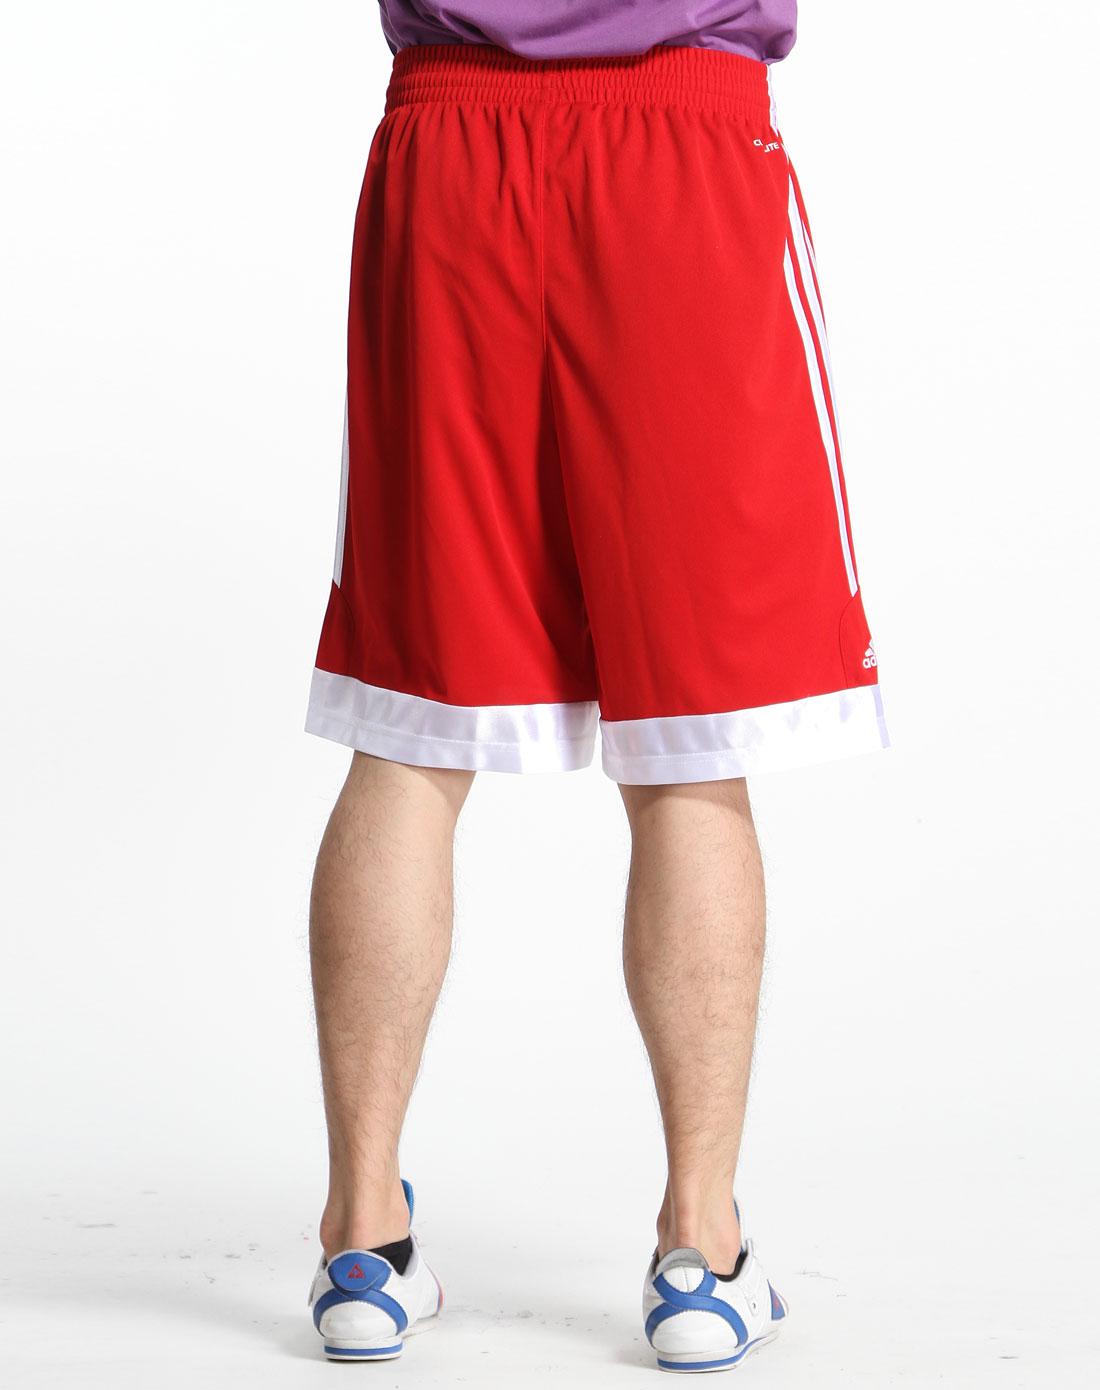 红色篮球运动短裤